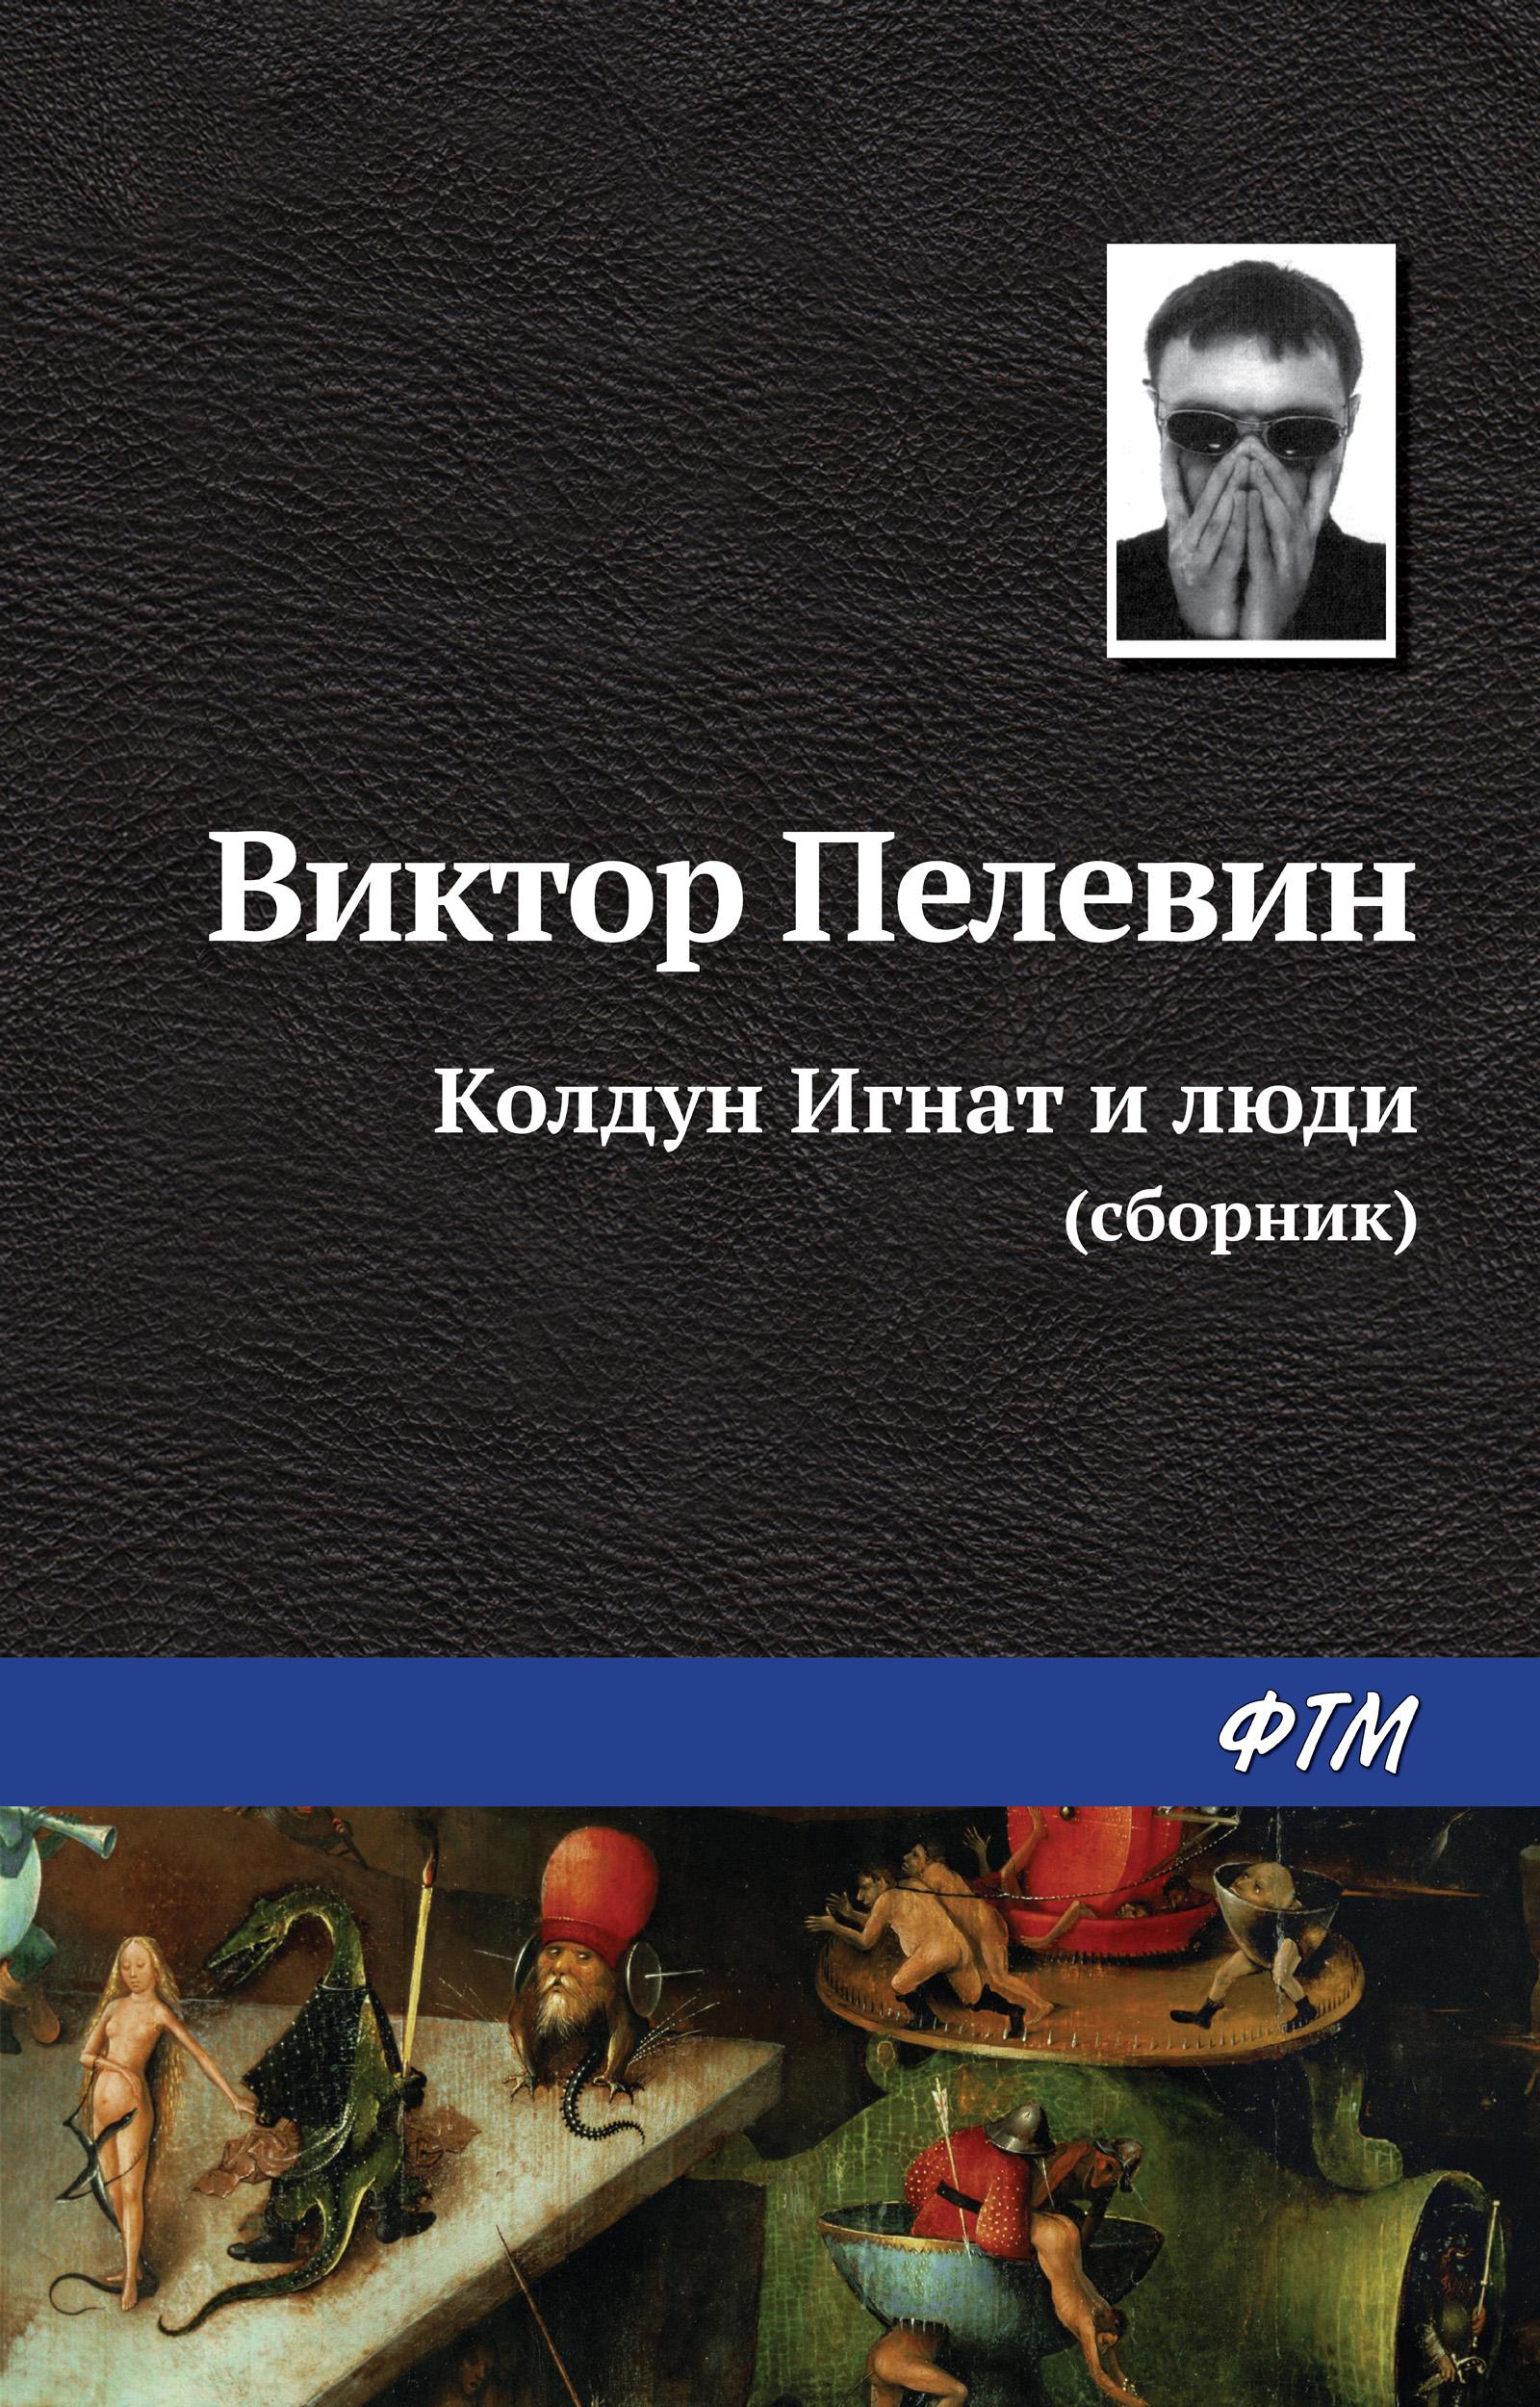 Виктор Пелевин Колдун Игнат и люди (сборник) цены онлайн